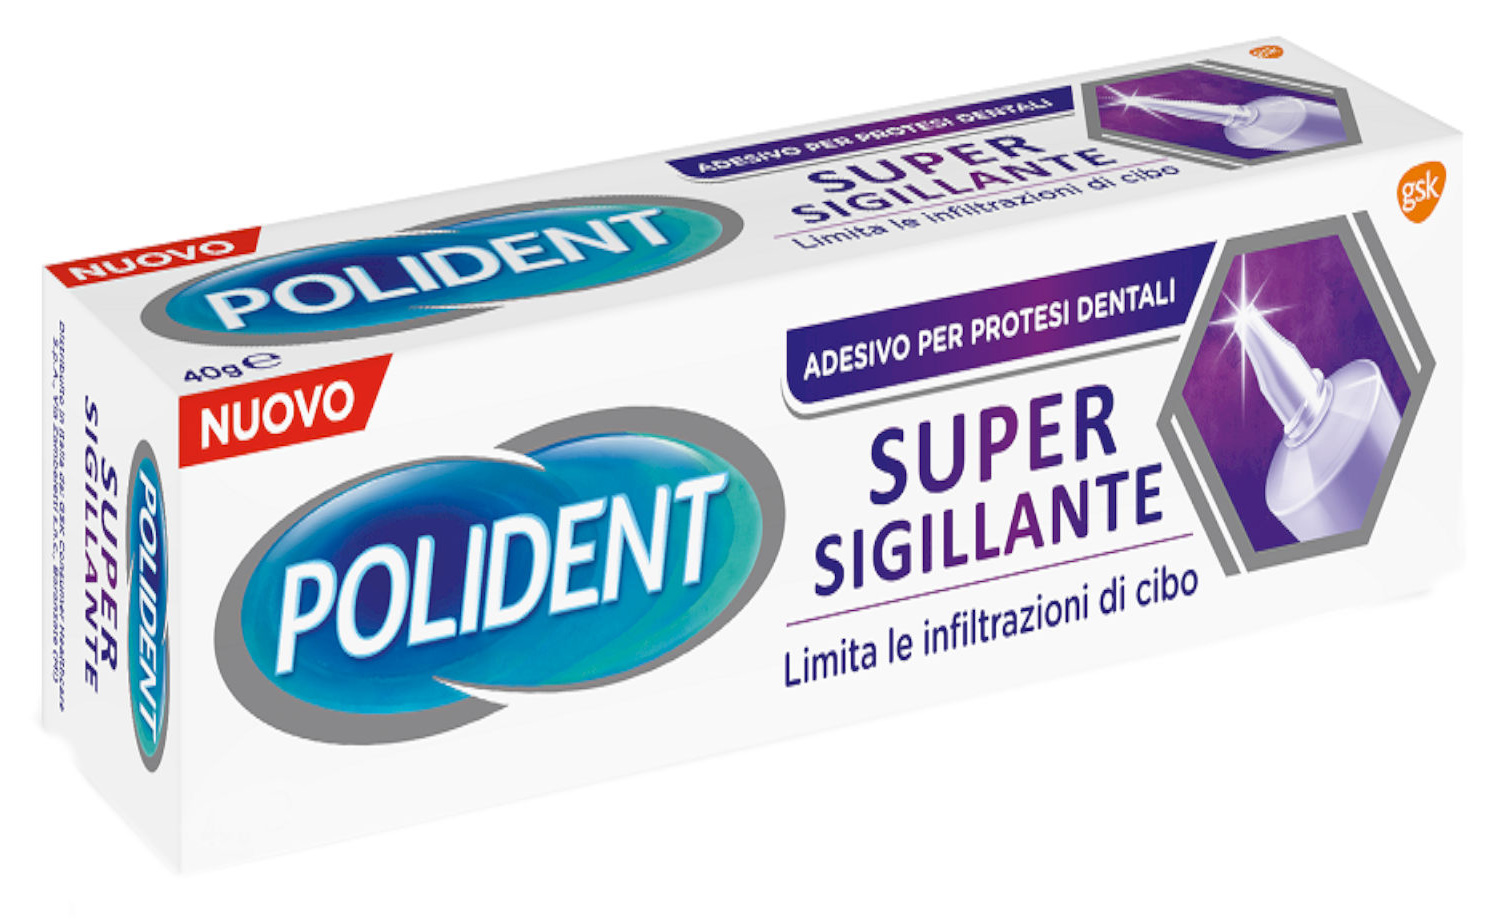 POLIDENT SUPER SIGILLANTE ADESIVO PROTESI DENTALE 70 G - Farmacia Centrale Dr. Monteleone Adriano